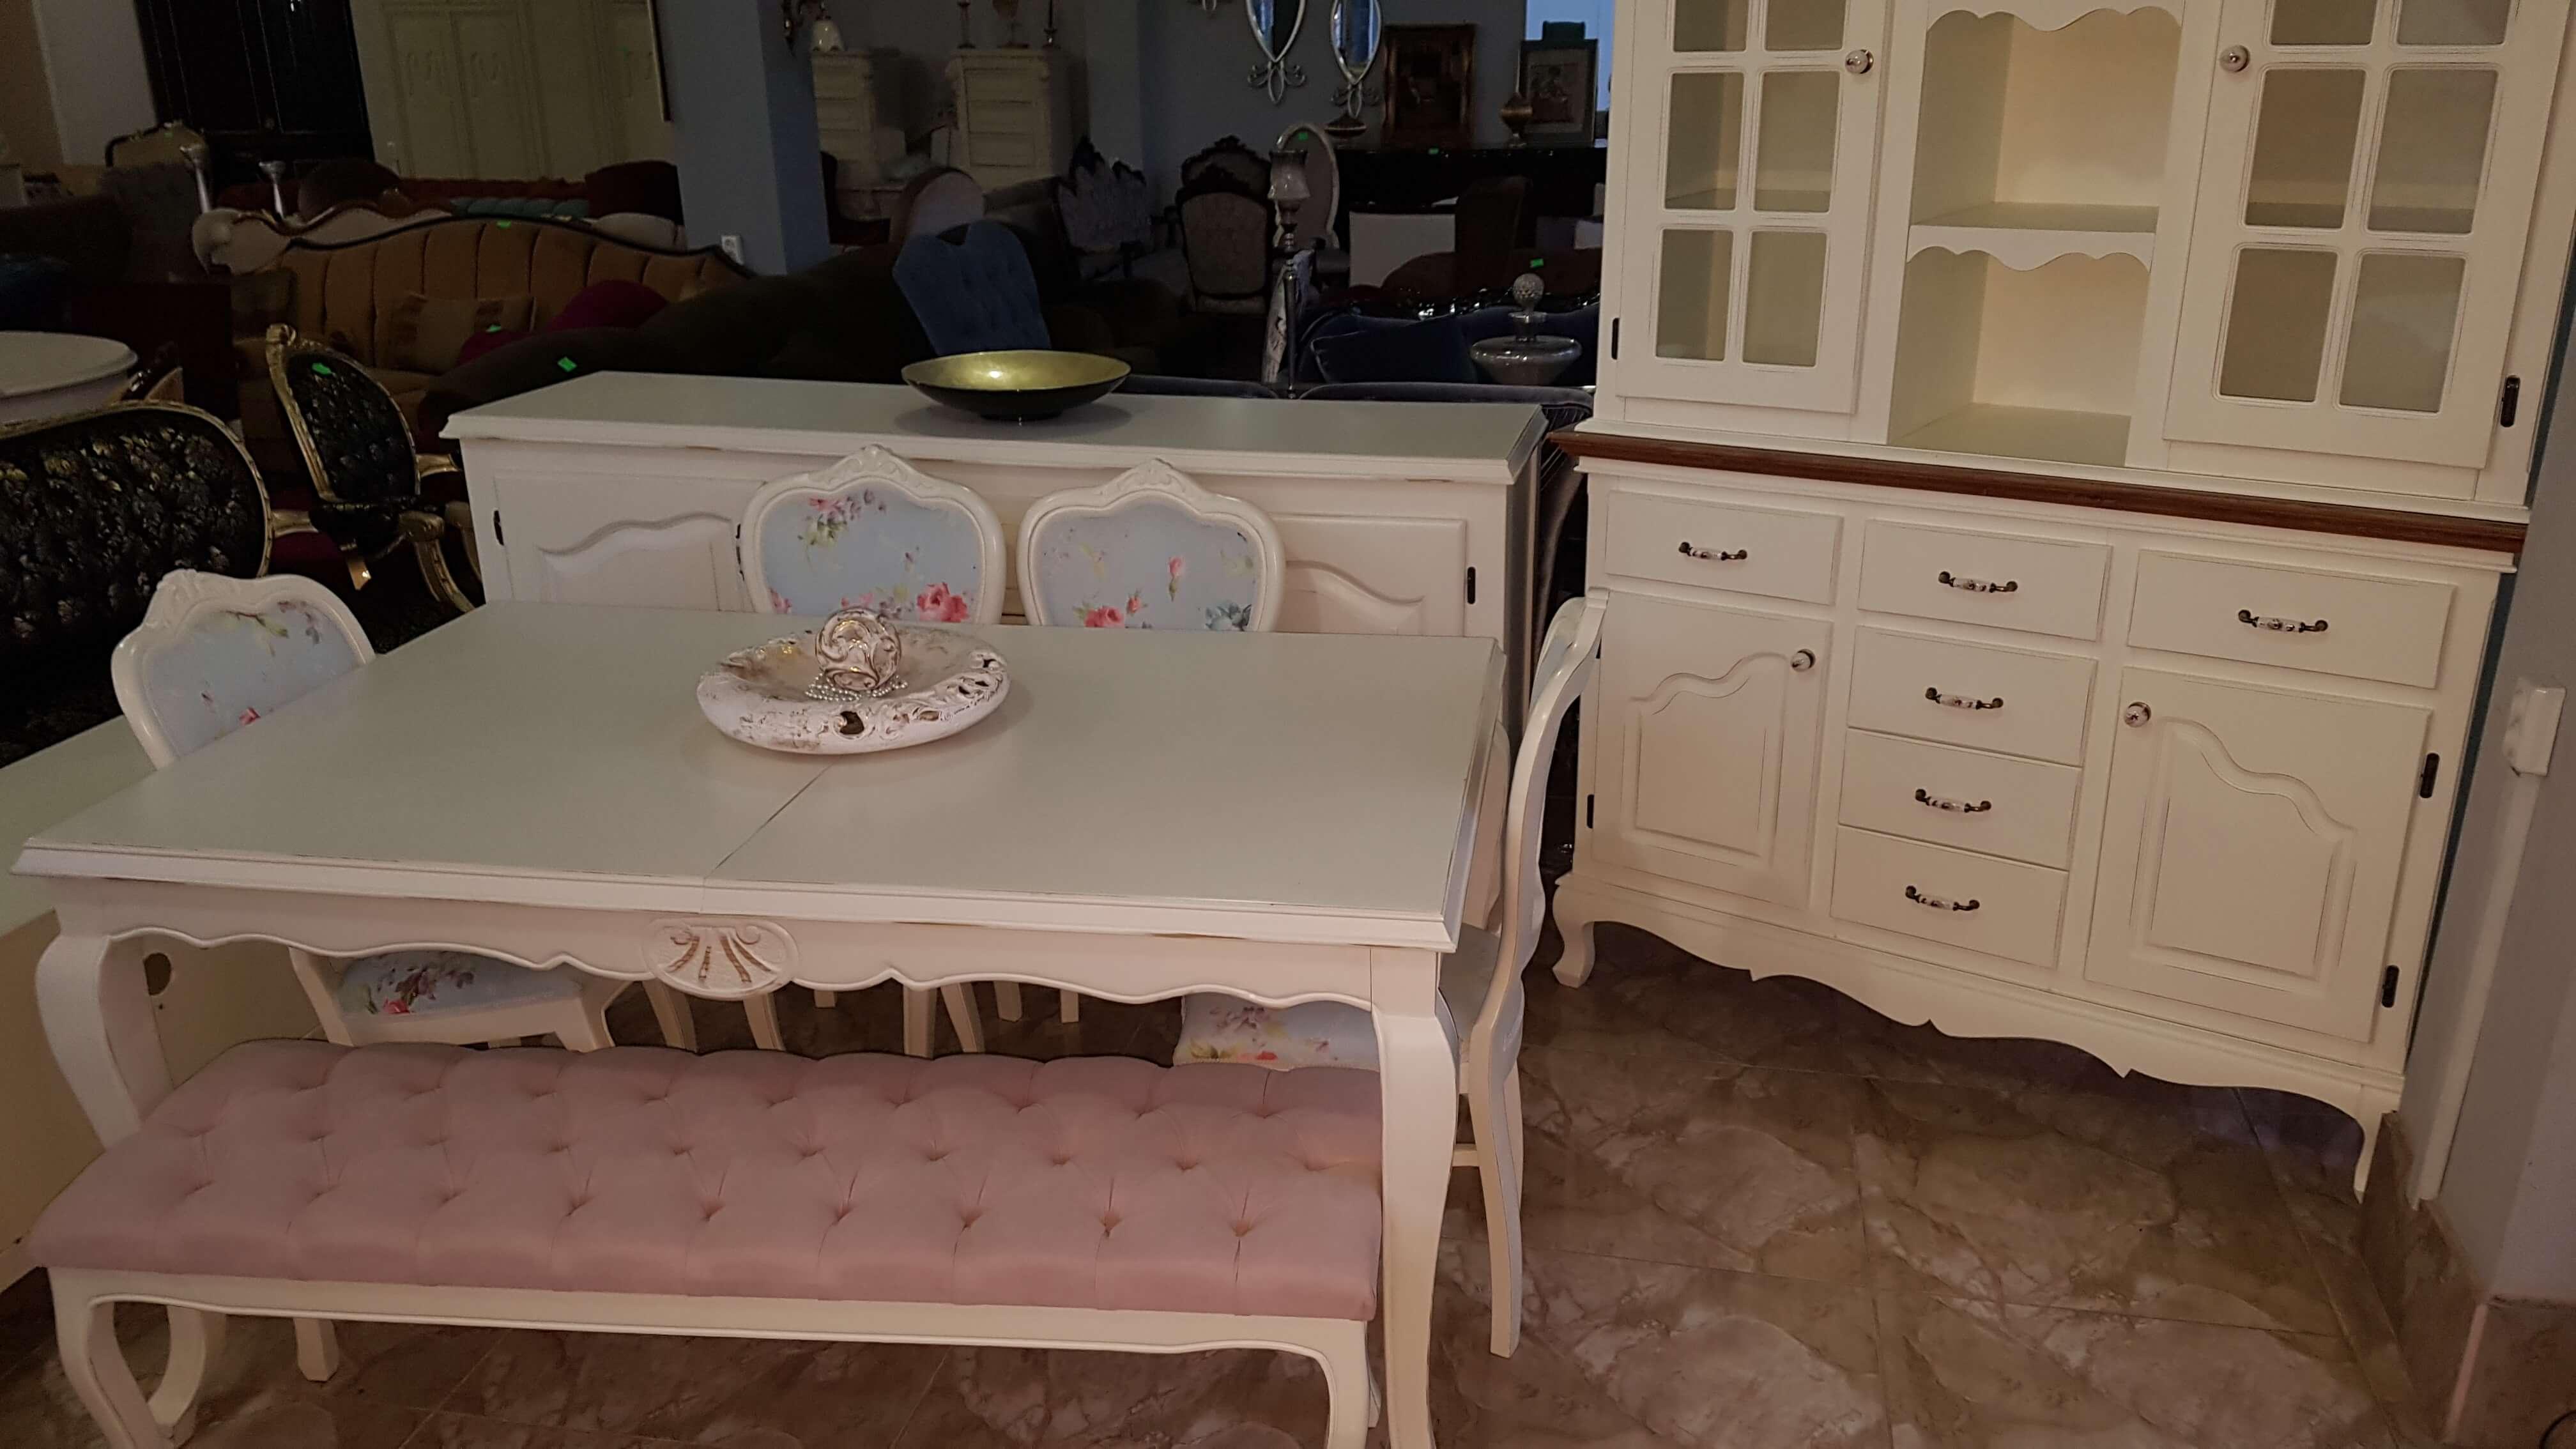 მისაღები ოთახის კომპლექტი მაგიდა სკამები დესაუ ვიტრინა მაგიდა იშლება